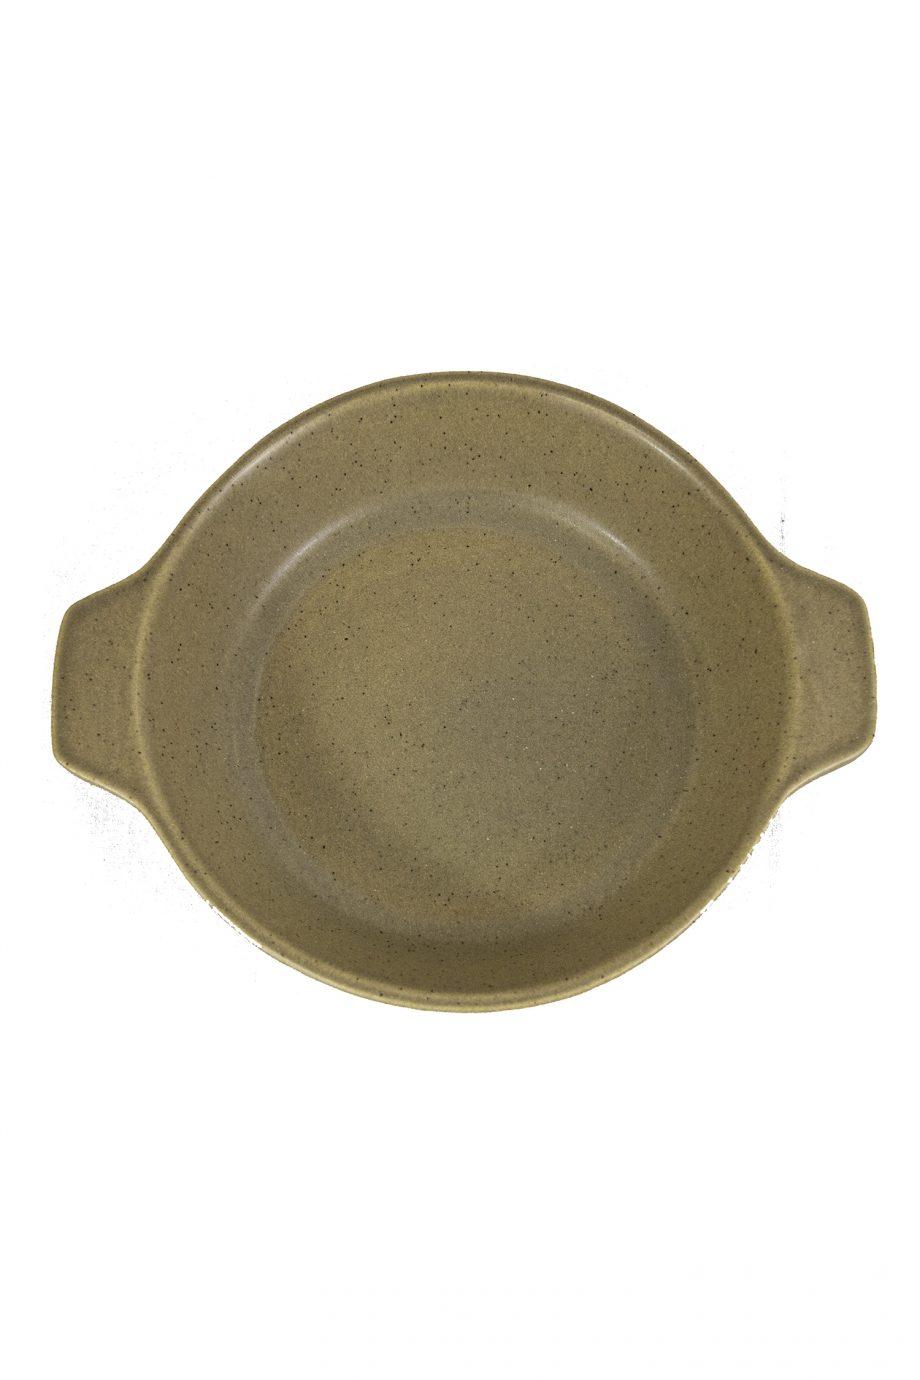 oven bord mosterd mat ceramic aardewerk small